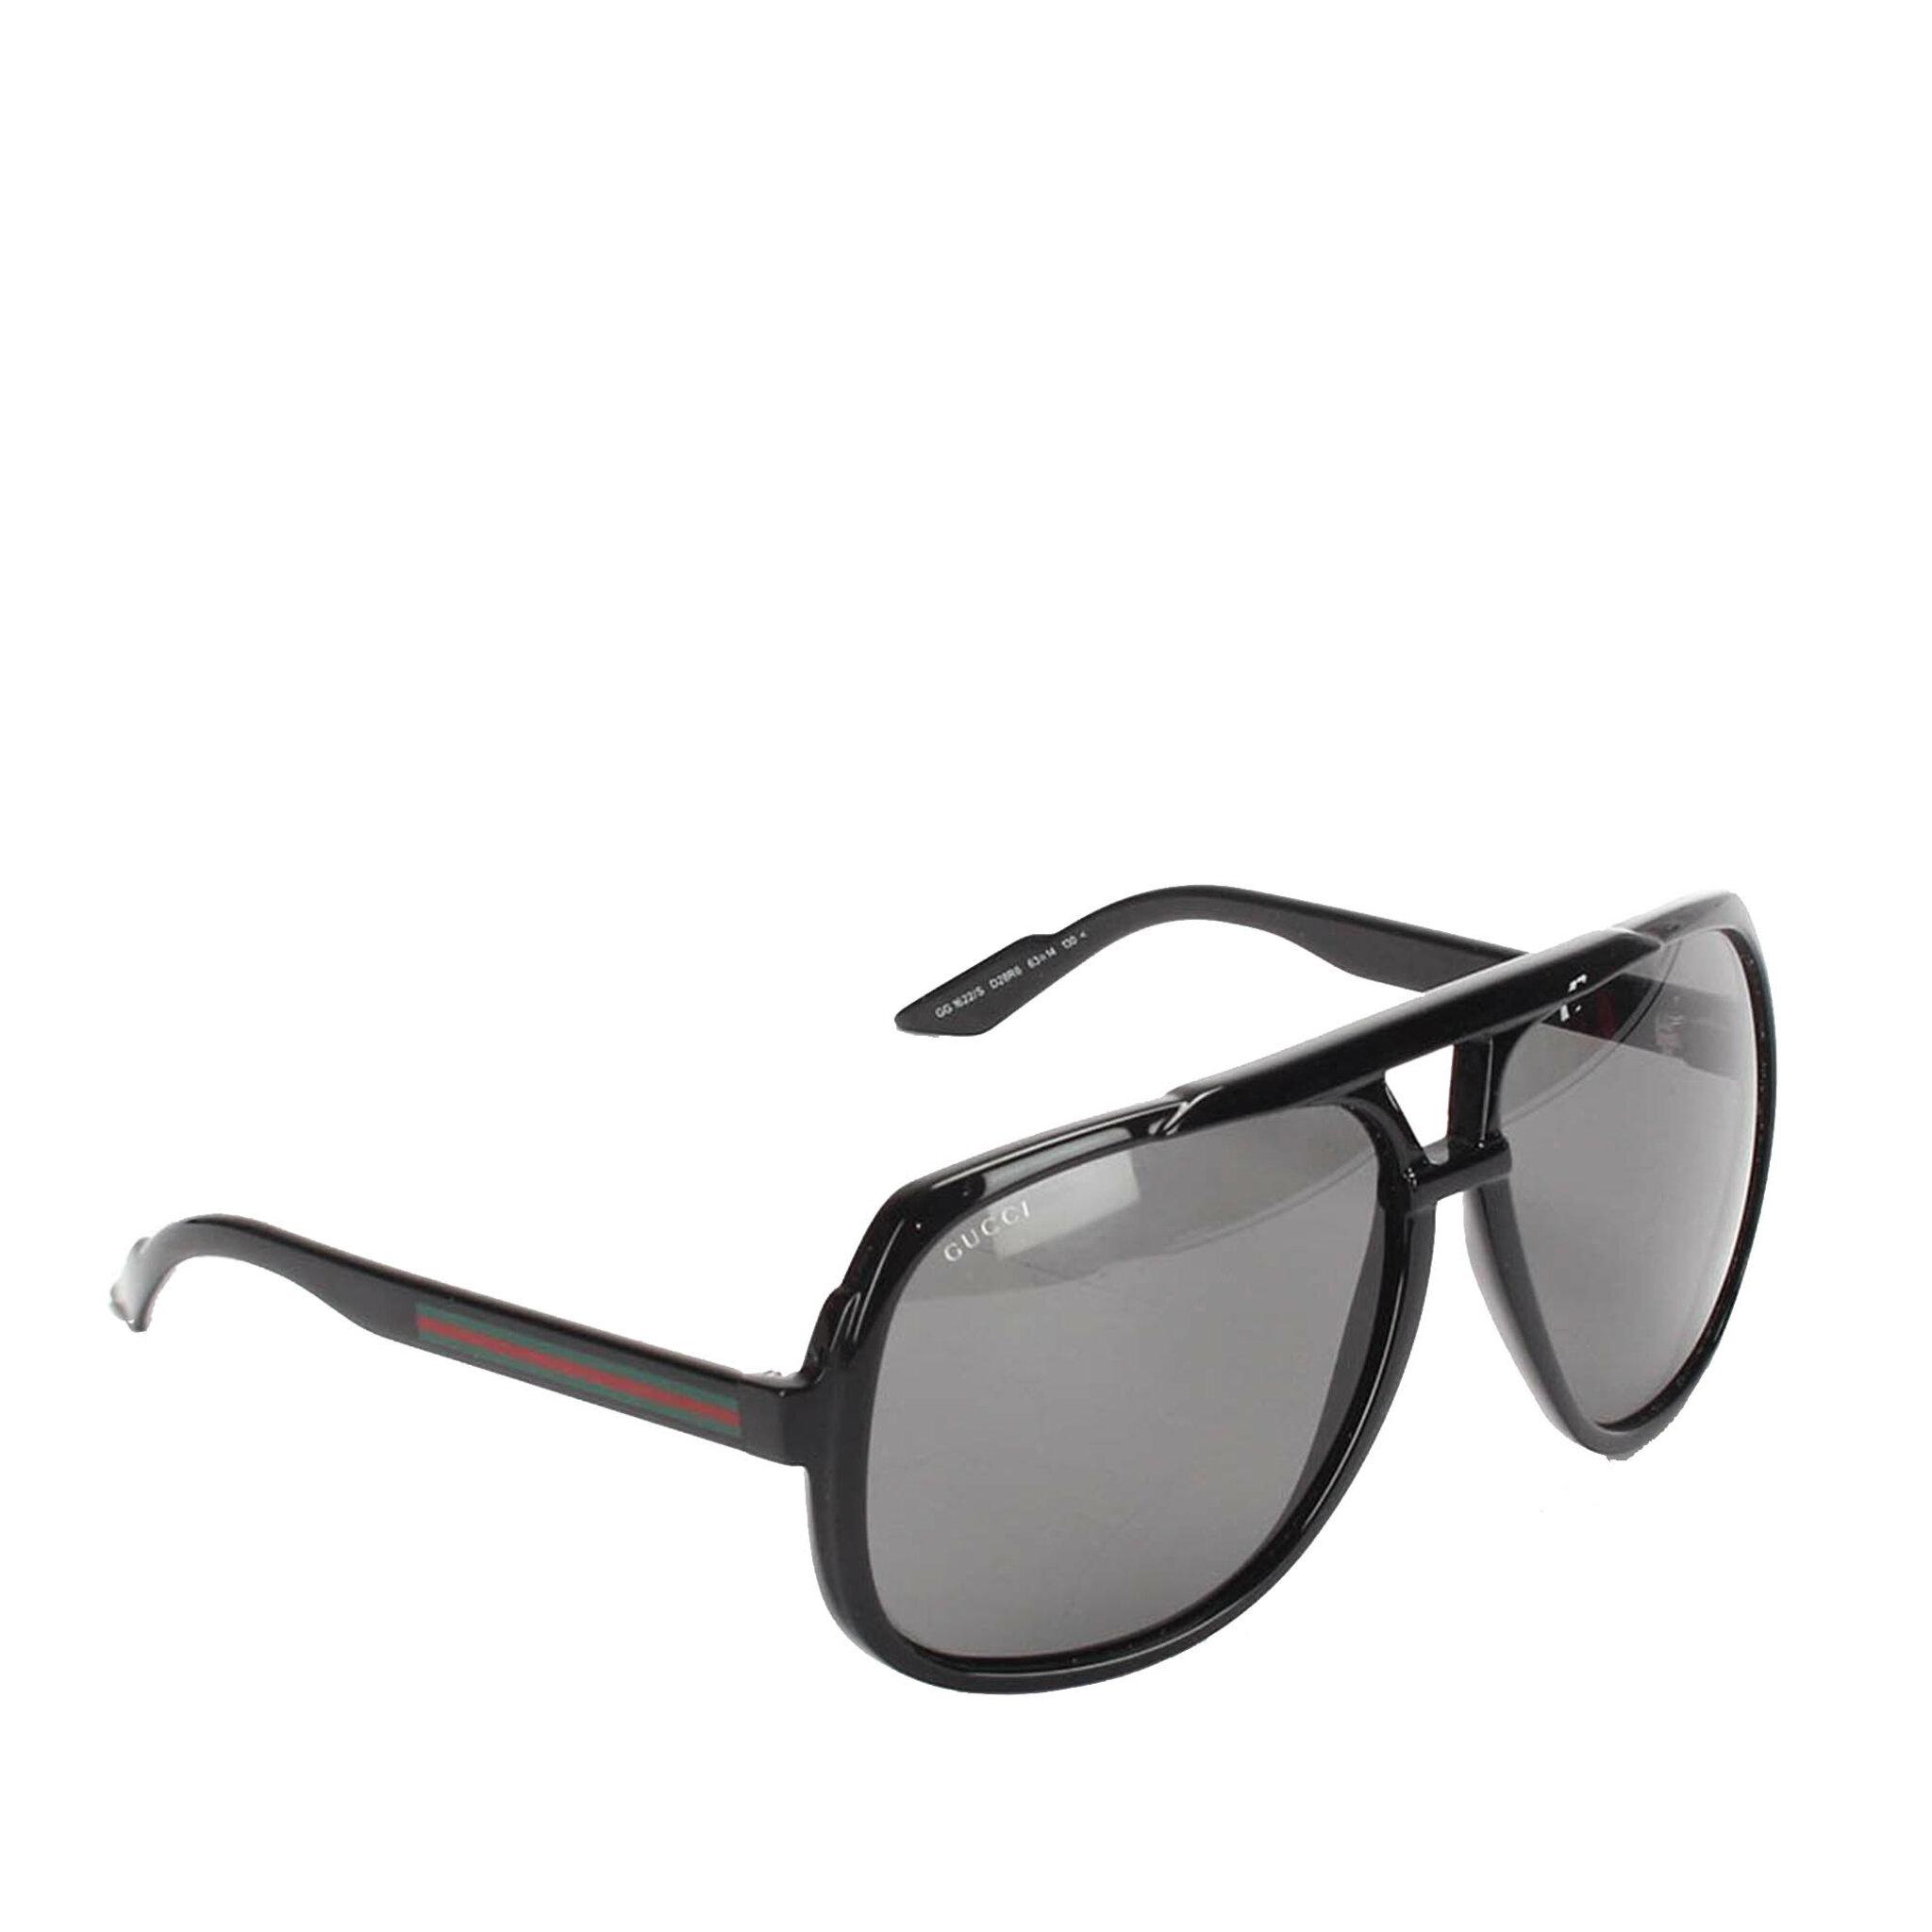 Gucci Web Aviator Sunglasses, ONESIZE